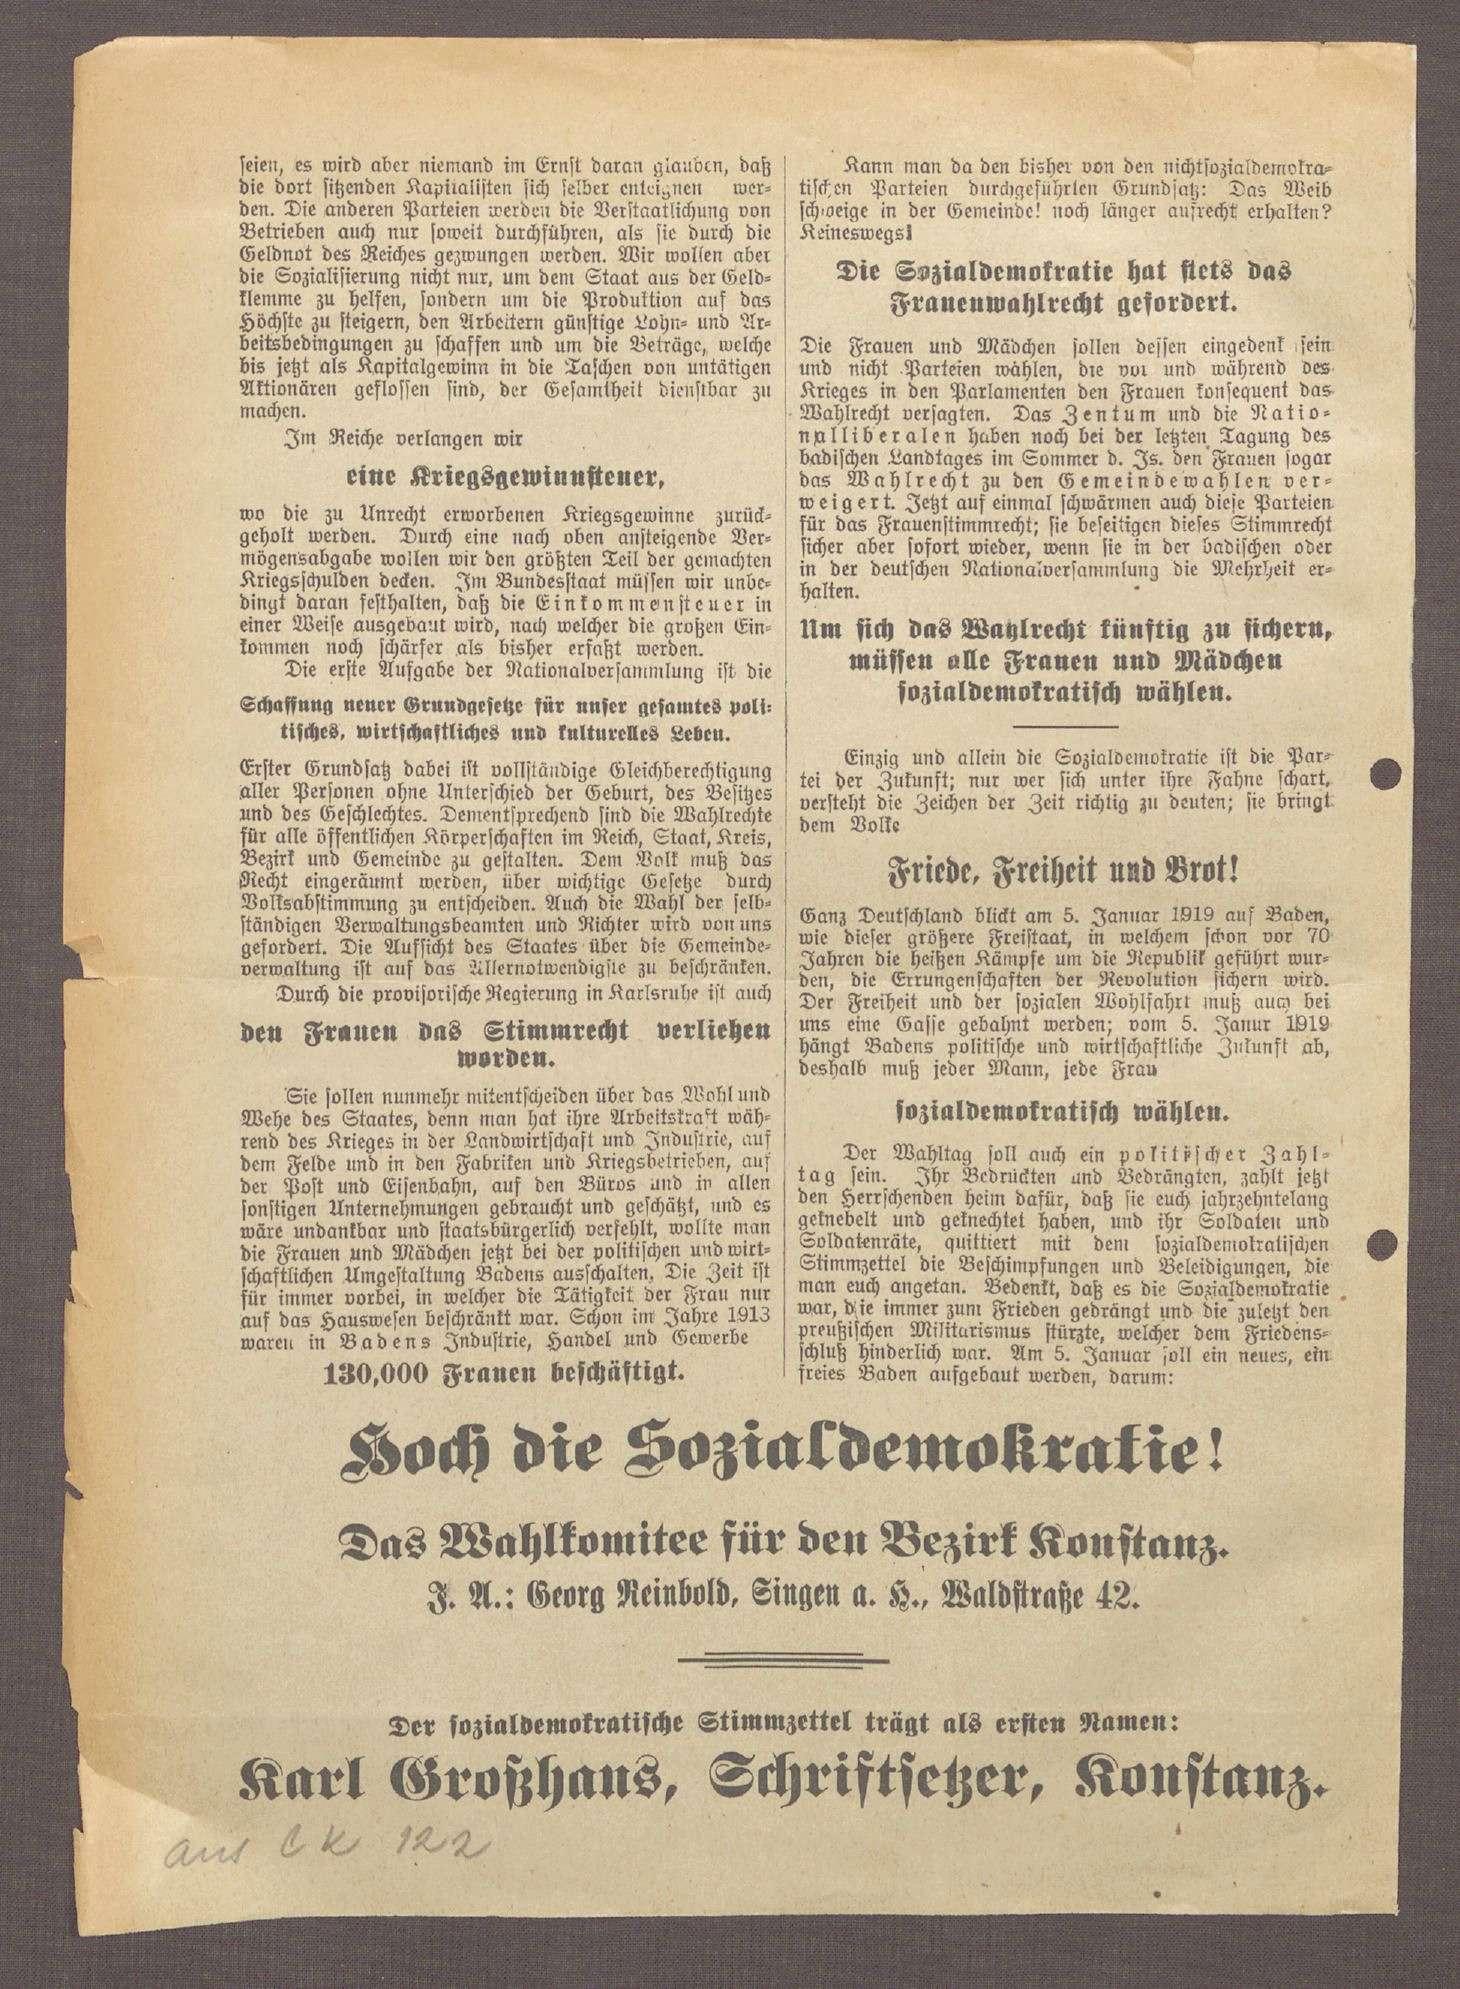 """""""Die badische Nationalversammlung. Auf zur Wahl!"""": Flugblatt der SPD Konstanz und ihres Spitzenkandidaten Karl Großhans, Bild 3"""